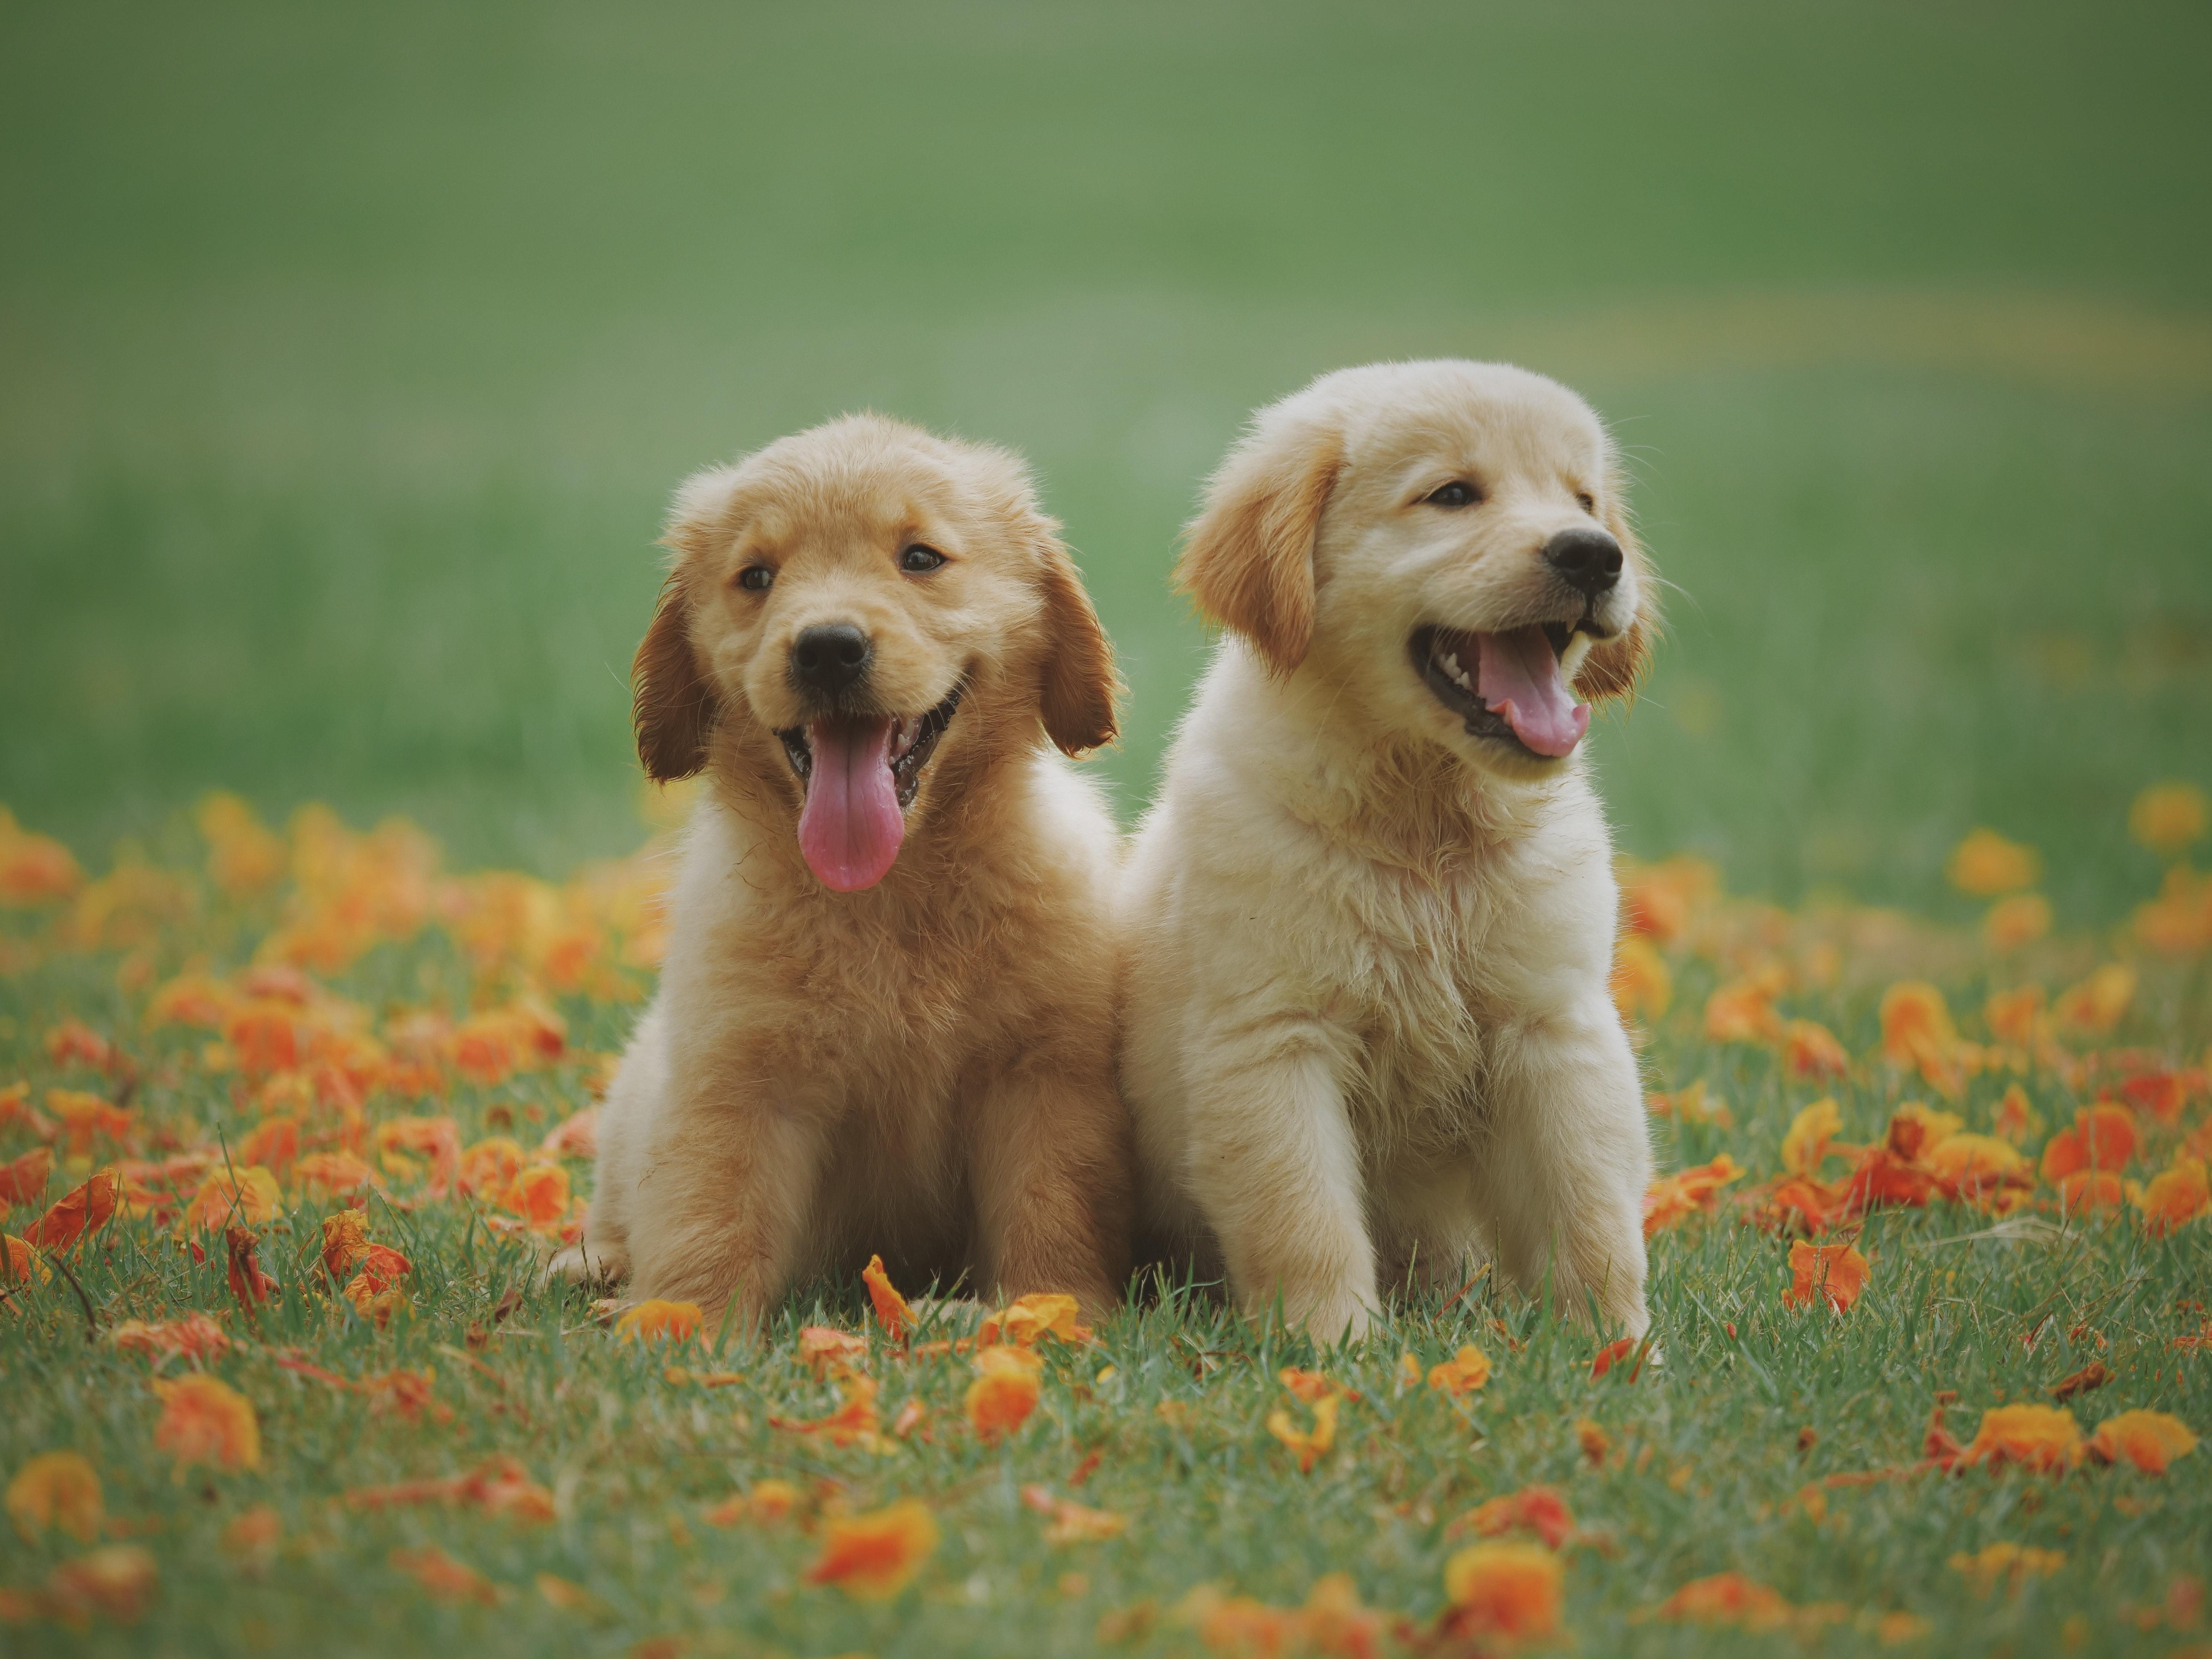 two yellow labrador retriever puppies free stock photo